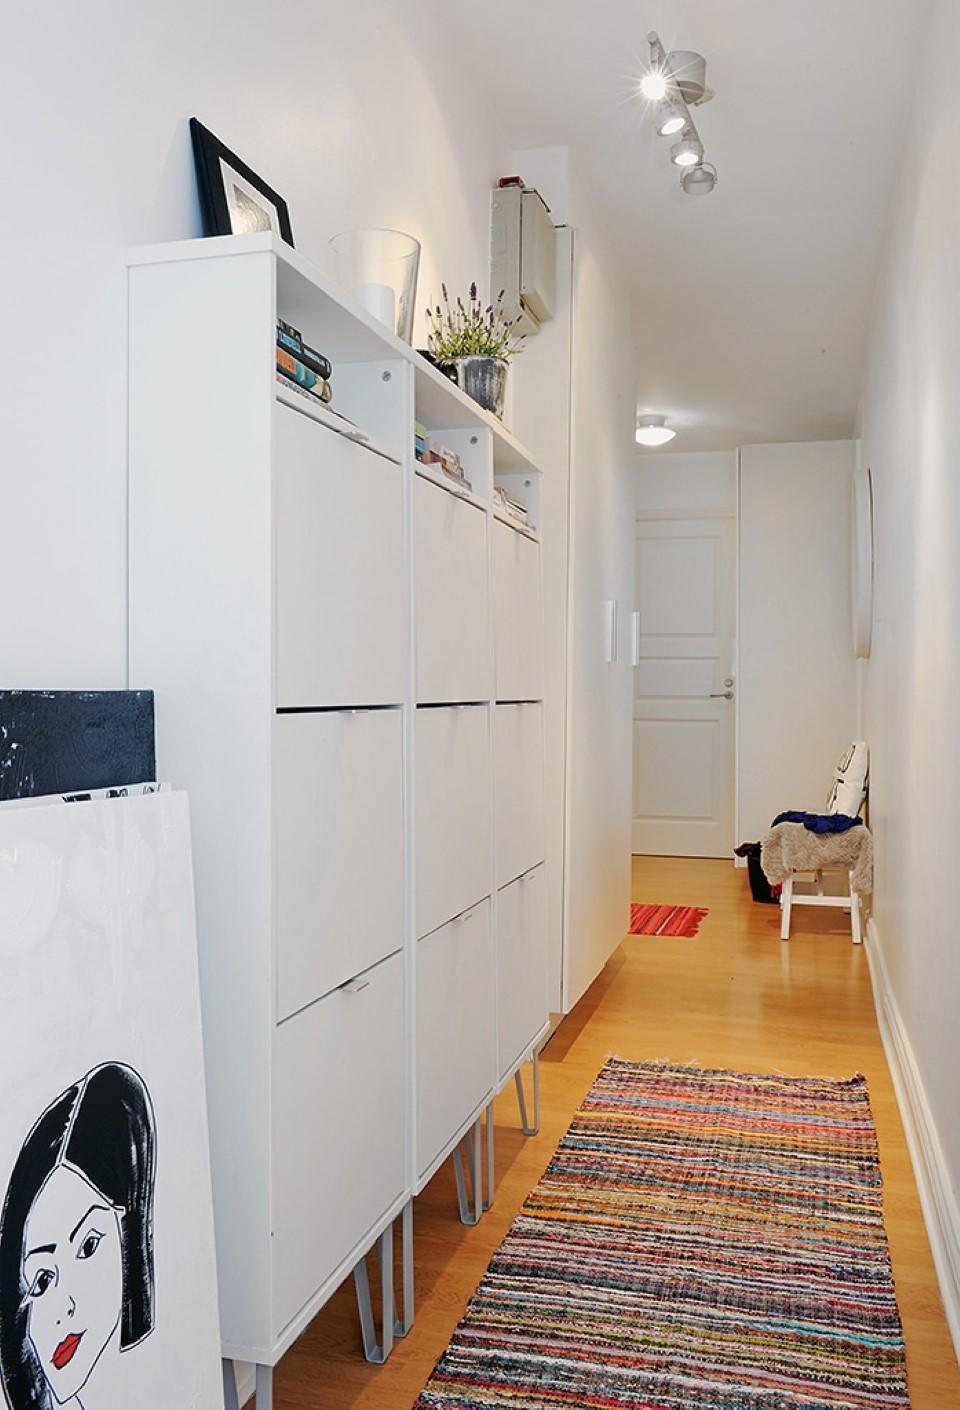 Чтобы прихожая была удобной для всех членов семьи, стоит выбирать функциональную мебель